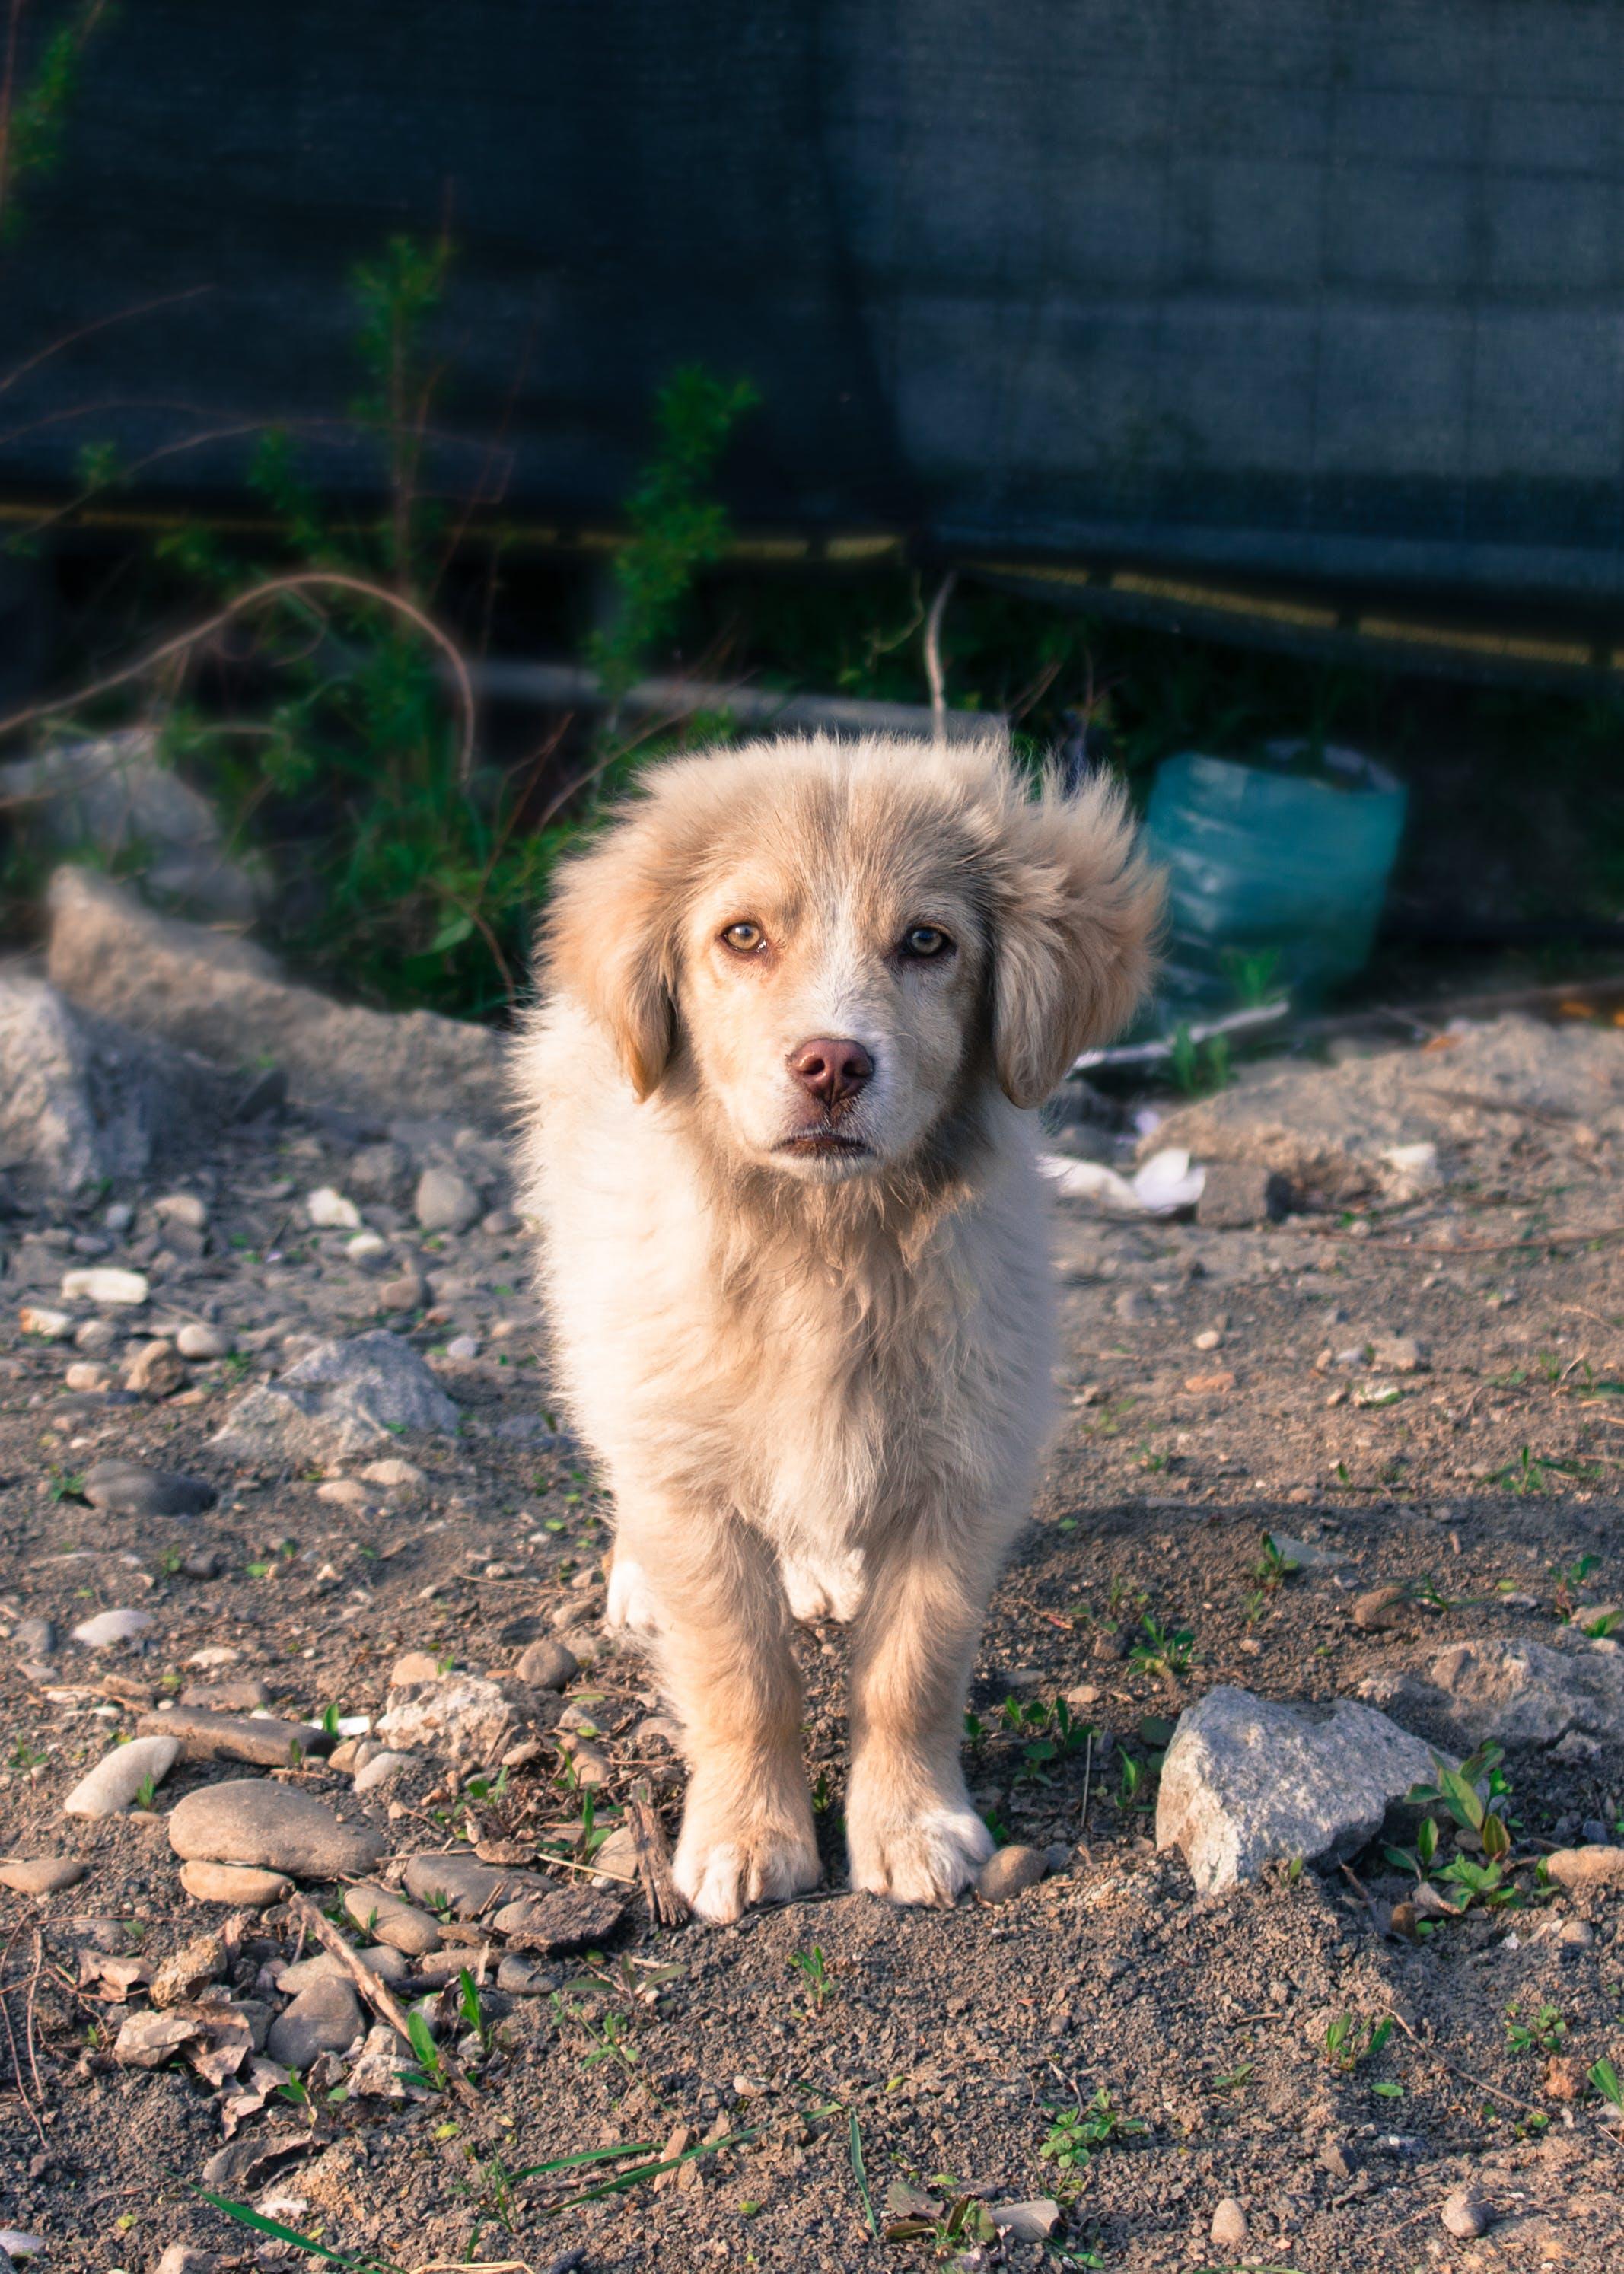 Gratis stockfoto met babyhondje, beest, hond, huisdier